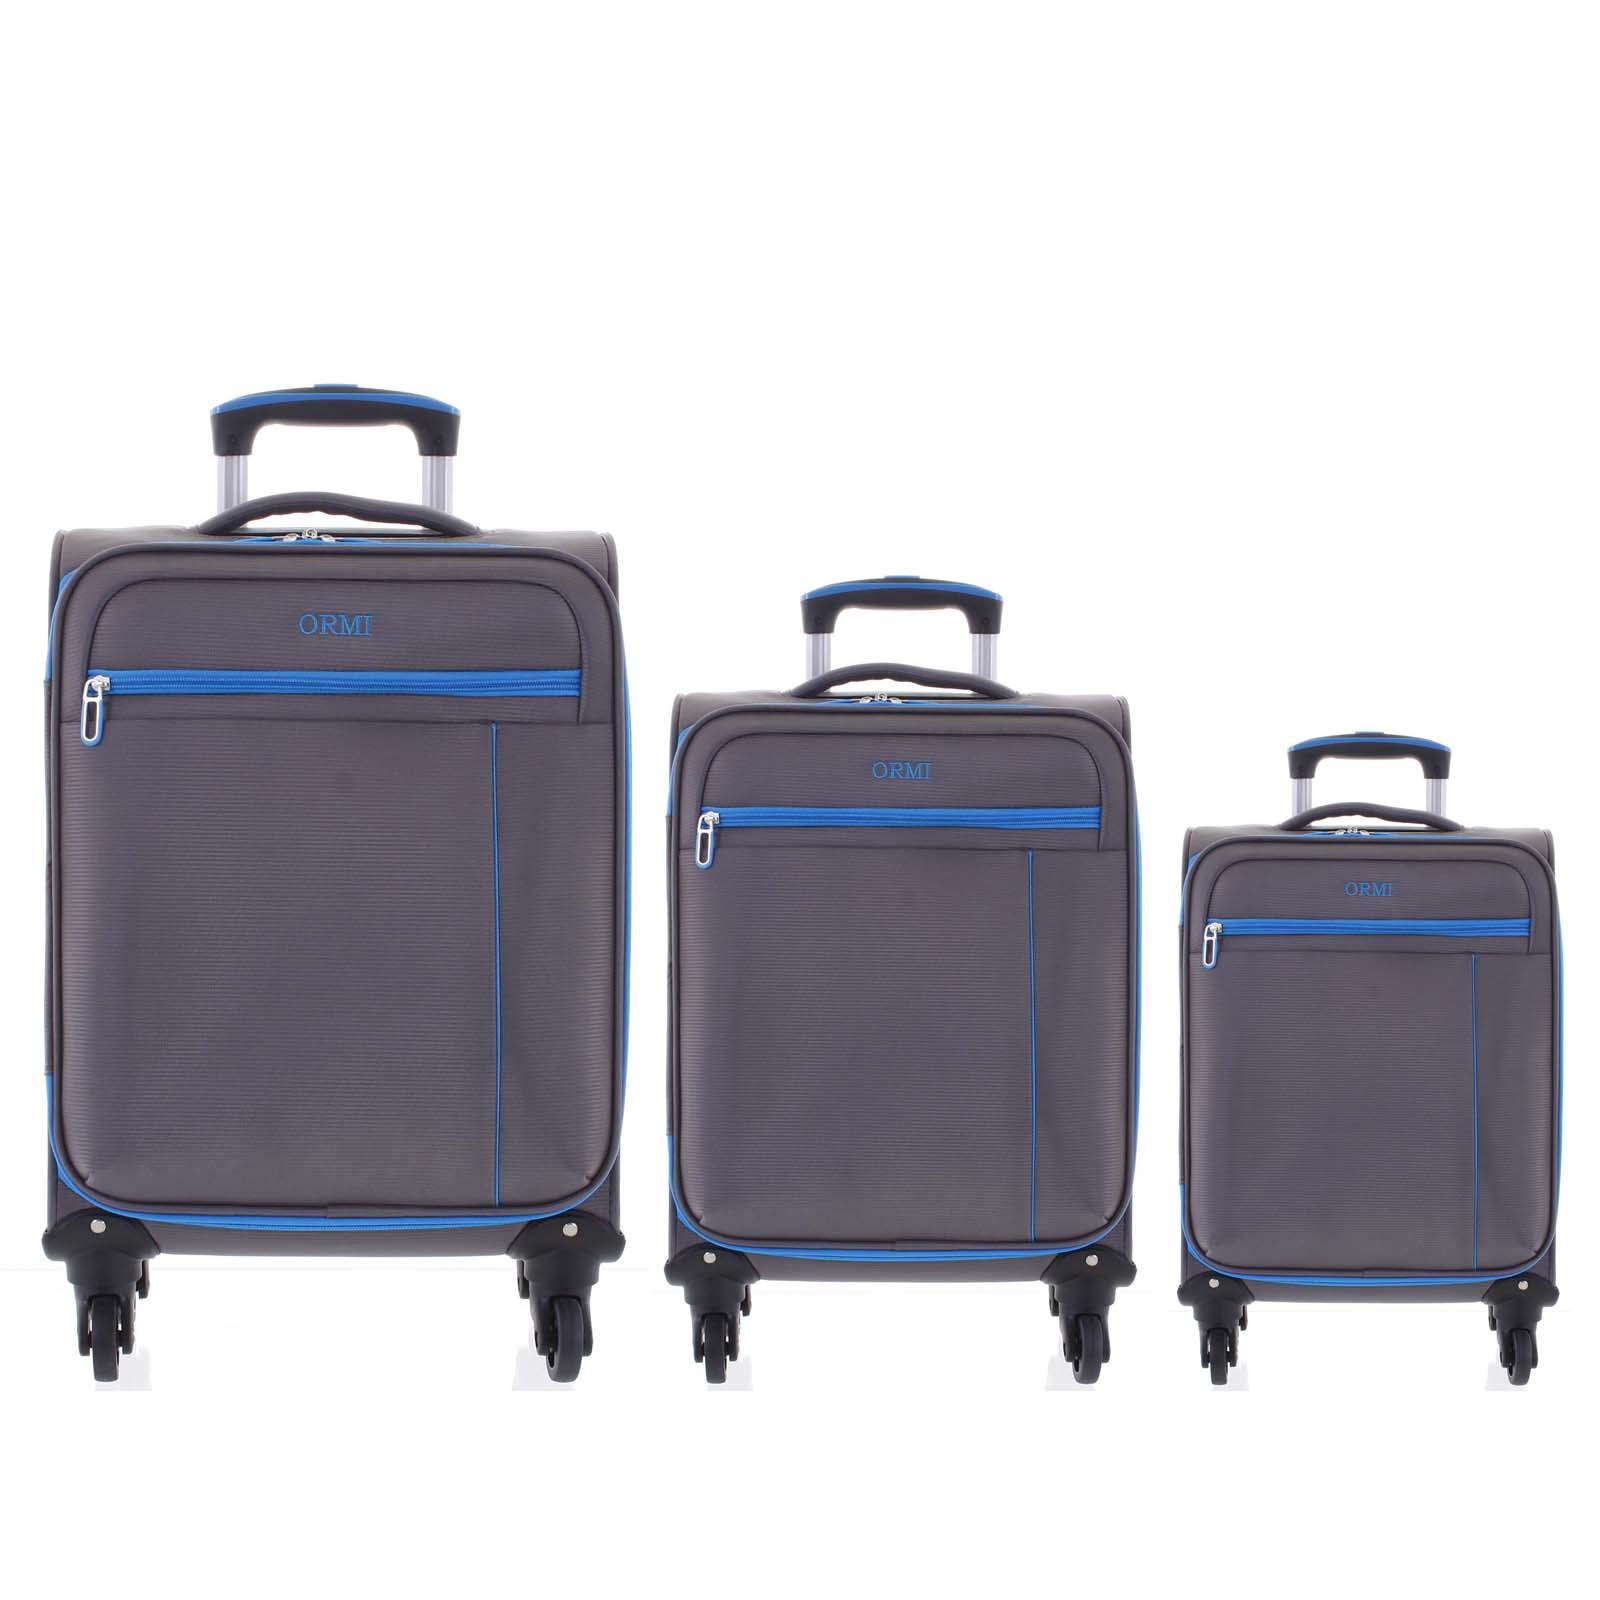 Kvalitní elegantní látkový šedý cestovní kufr sada - Ormi Mada L, M, S